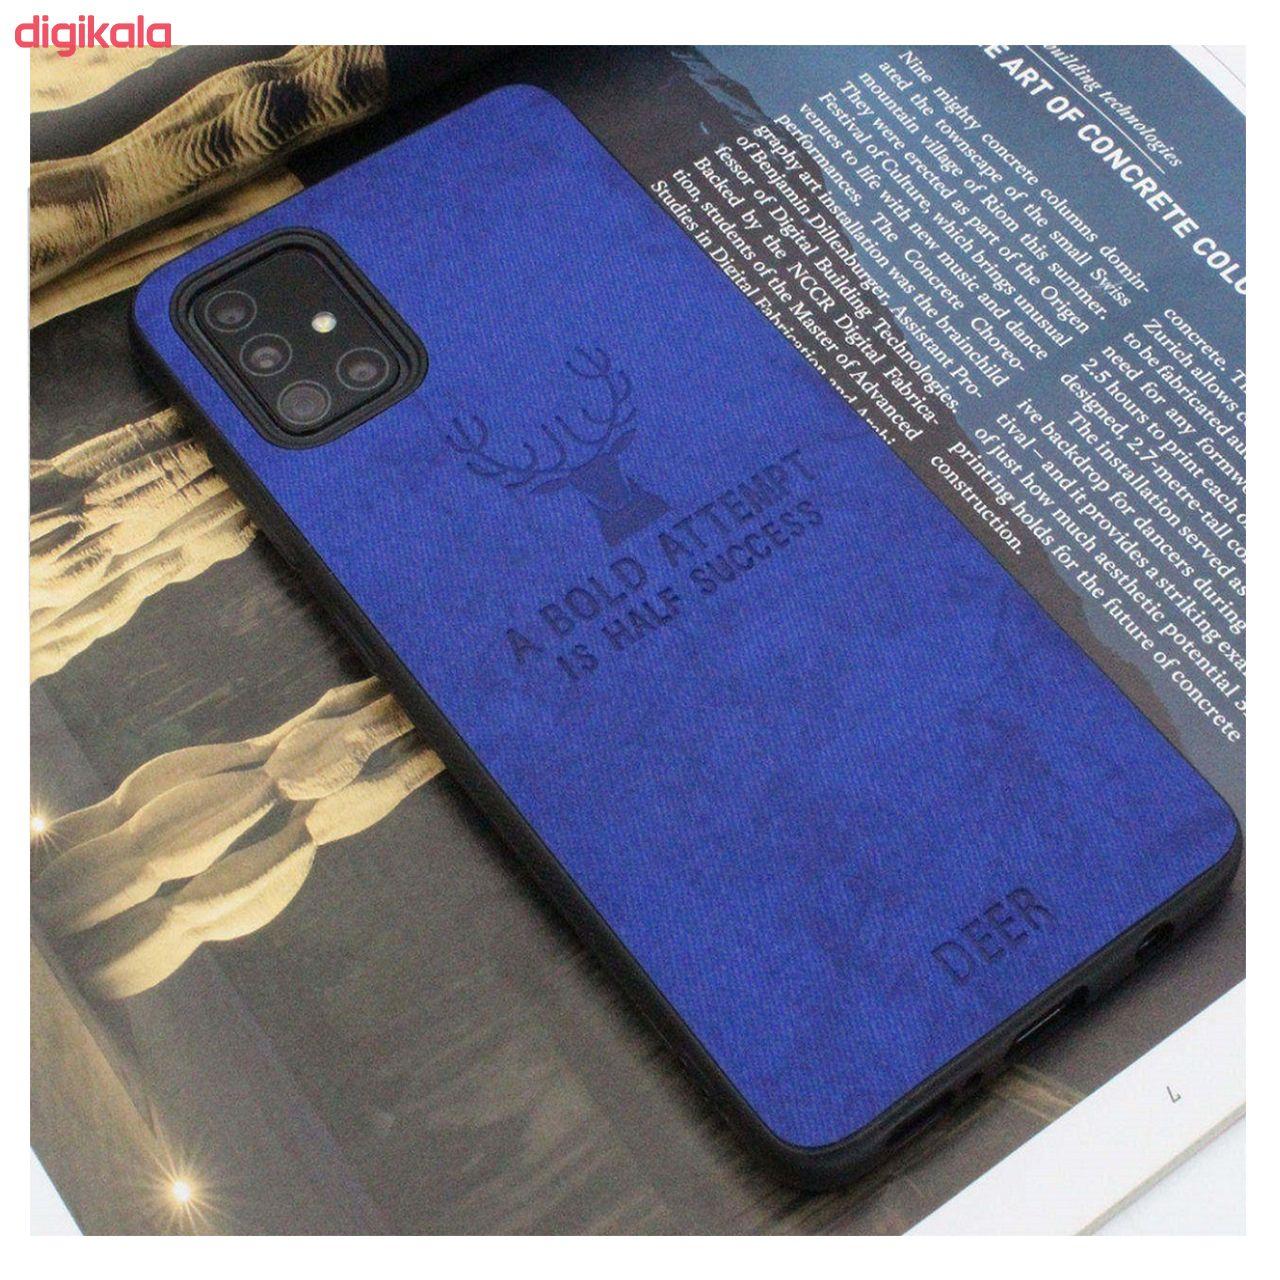 کاور اینفینیتی مدل INFDR مناسب برای گوشی موبایل سامسونگ GALAXY A51